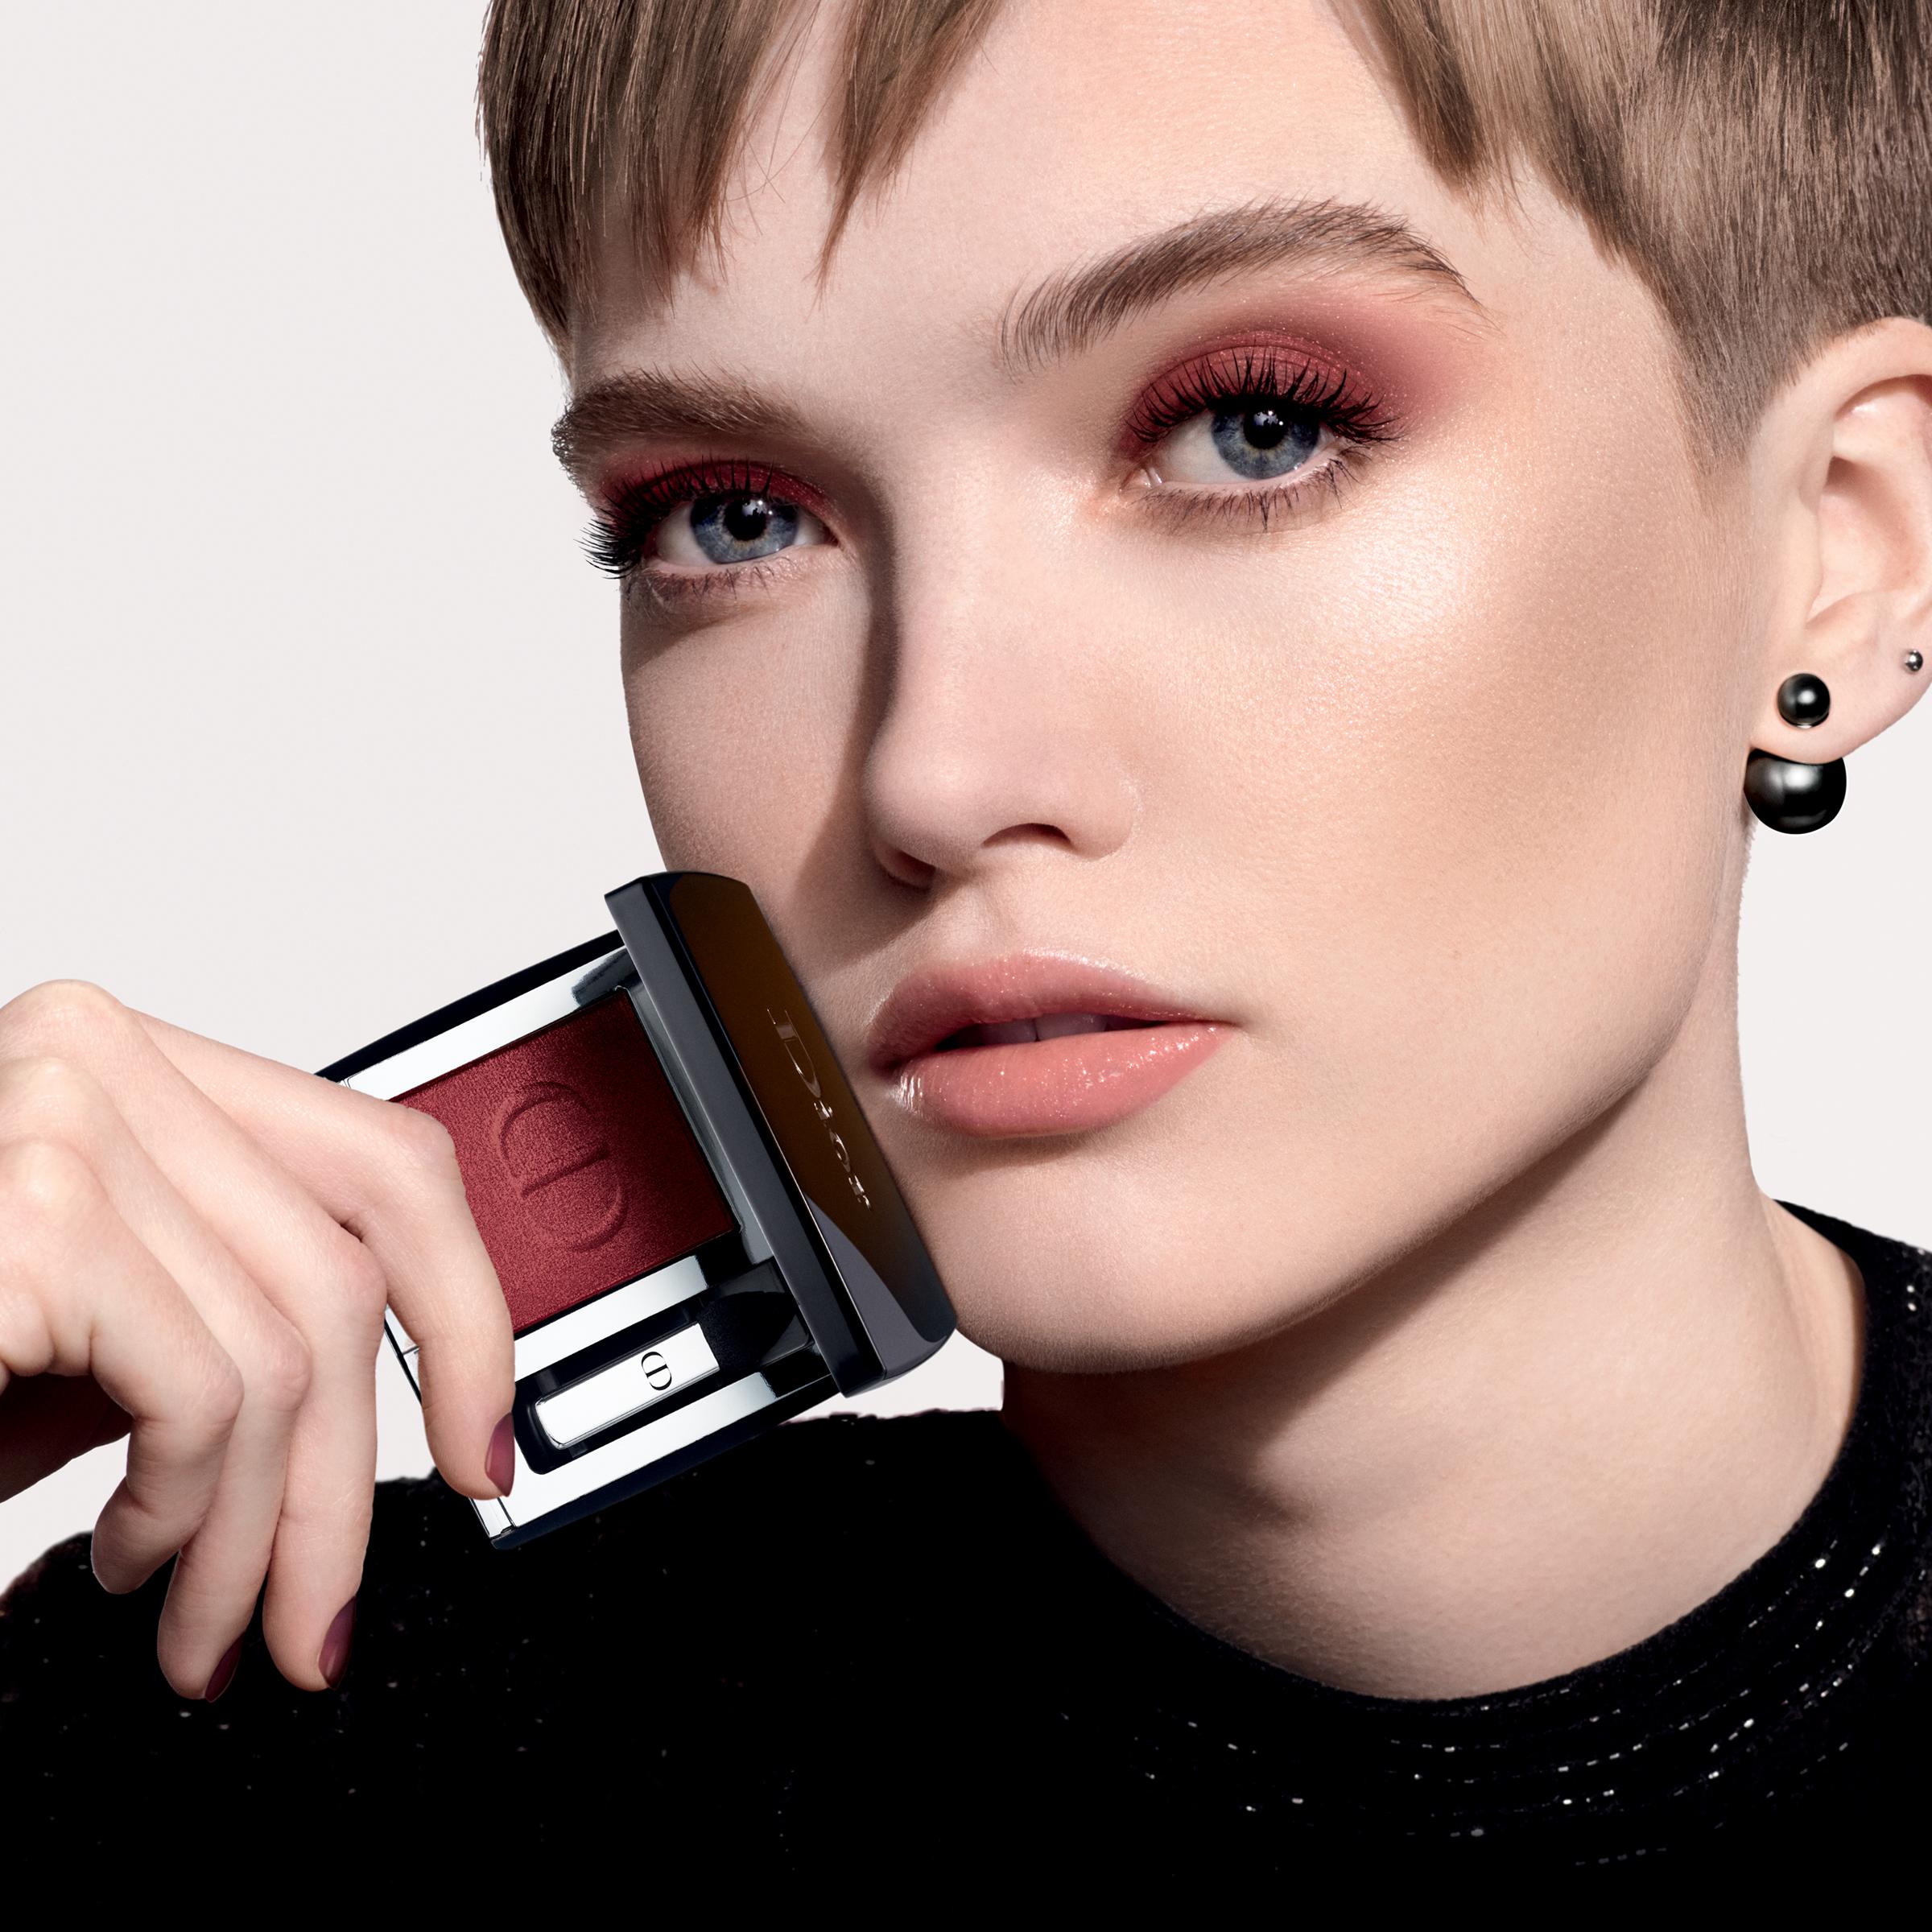 DIOR Diorshow Kabuki Brow Styler, 031 light brown